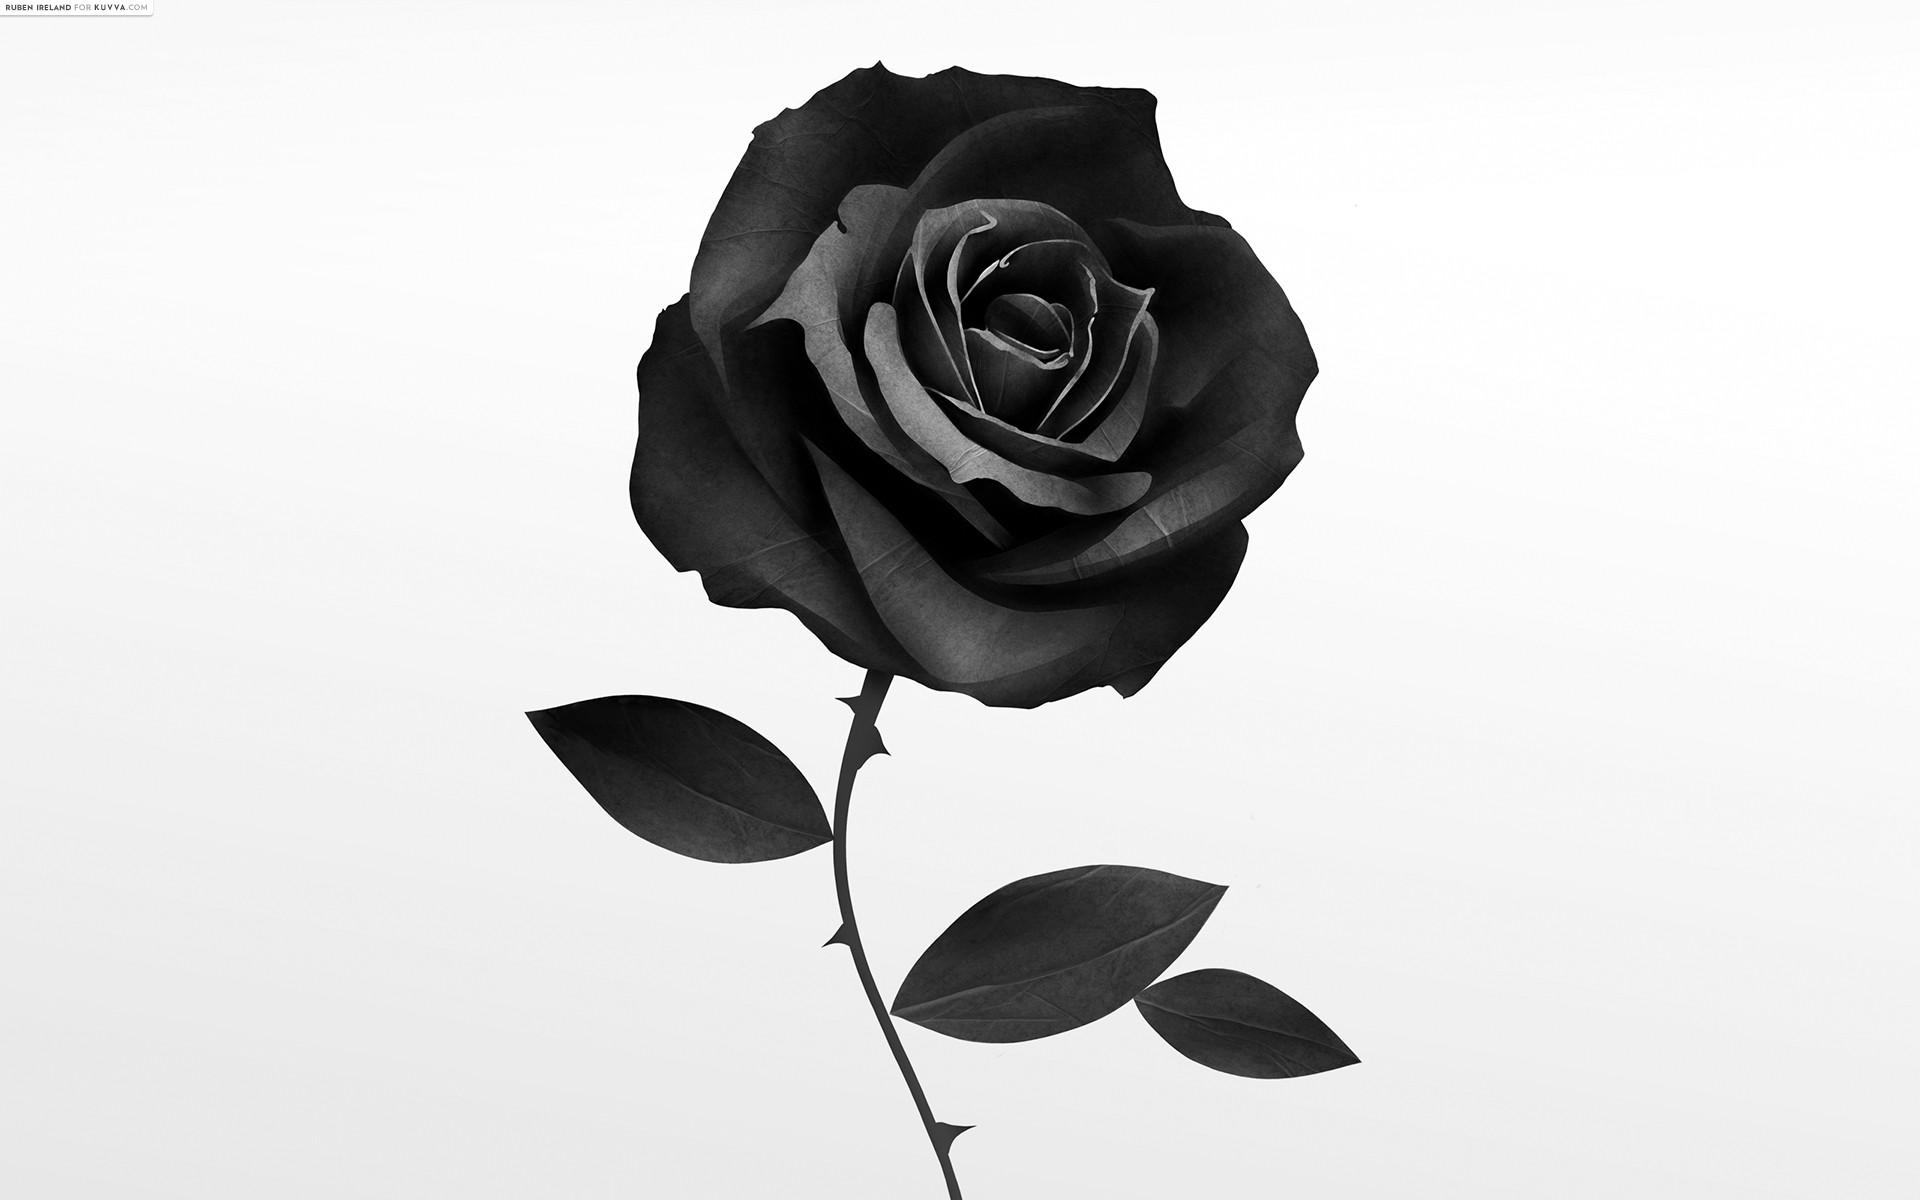 Bông hoa hồng đen đơn giản rất đẹp